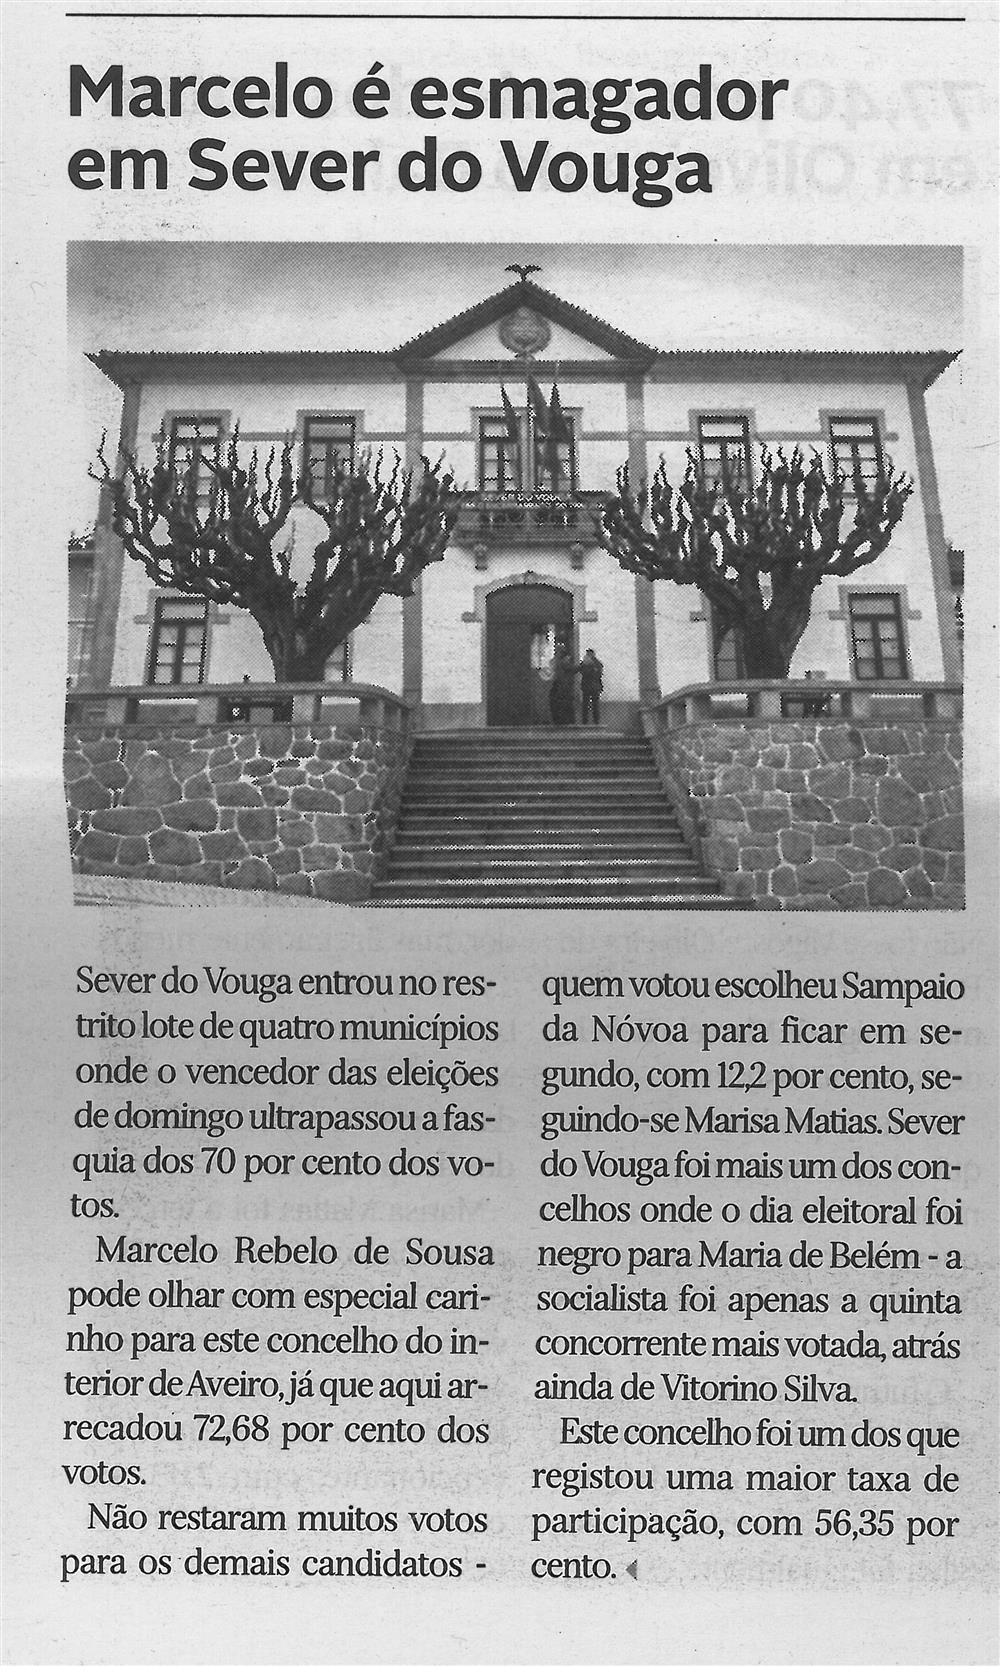 DA-26jan.'16-p.14-Marcelo é esmagador em Sever do Vouga.jpg